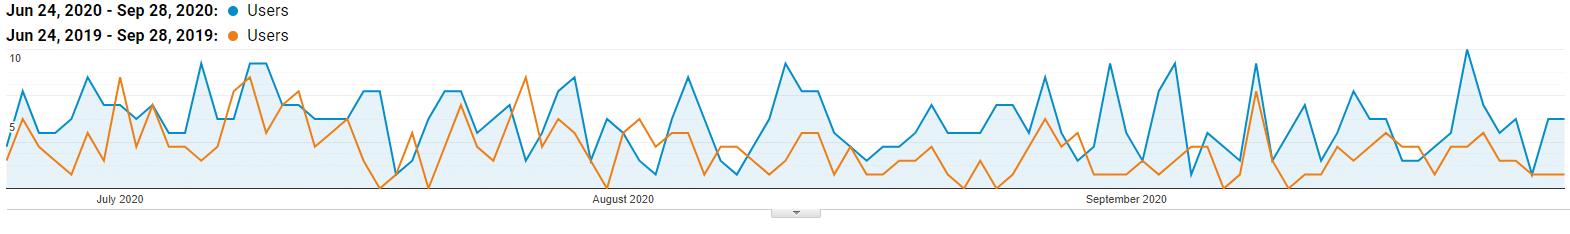 Great organic search traffic increase